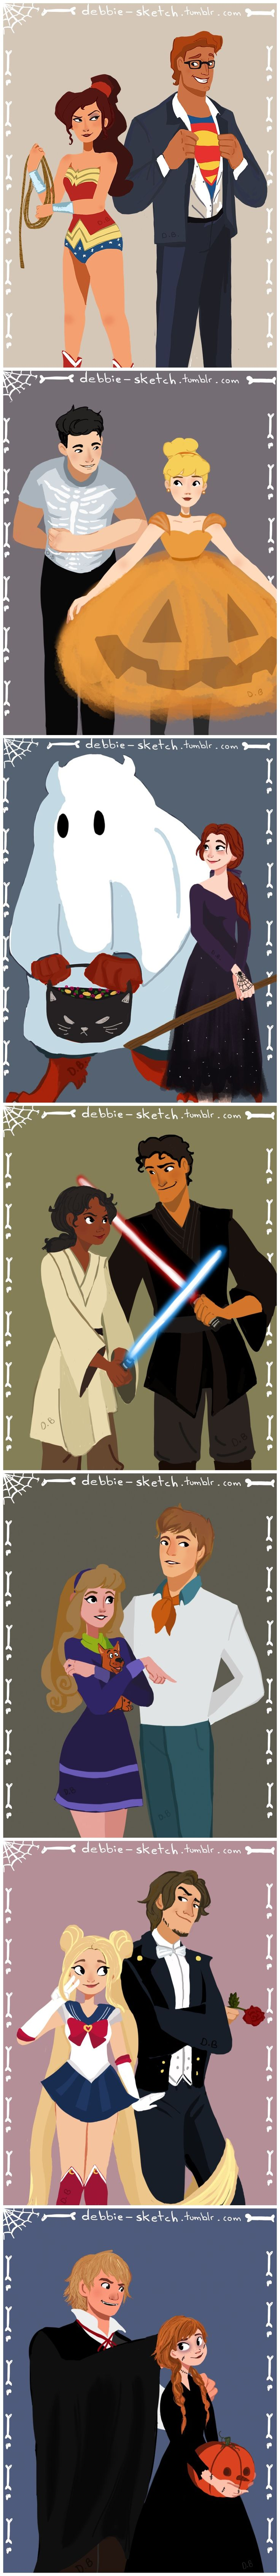 Halloween Disney Couples Más Ahhhh detalhista em meu bem ??? Bom dia amor, bom trabalho. Cabecinha tranquila! Estou mandando Todo o amor do meu coração pra ti .